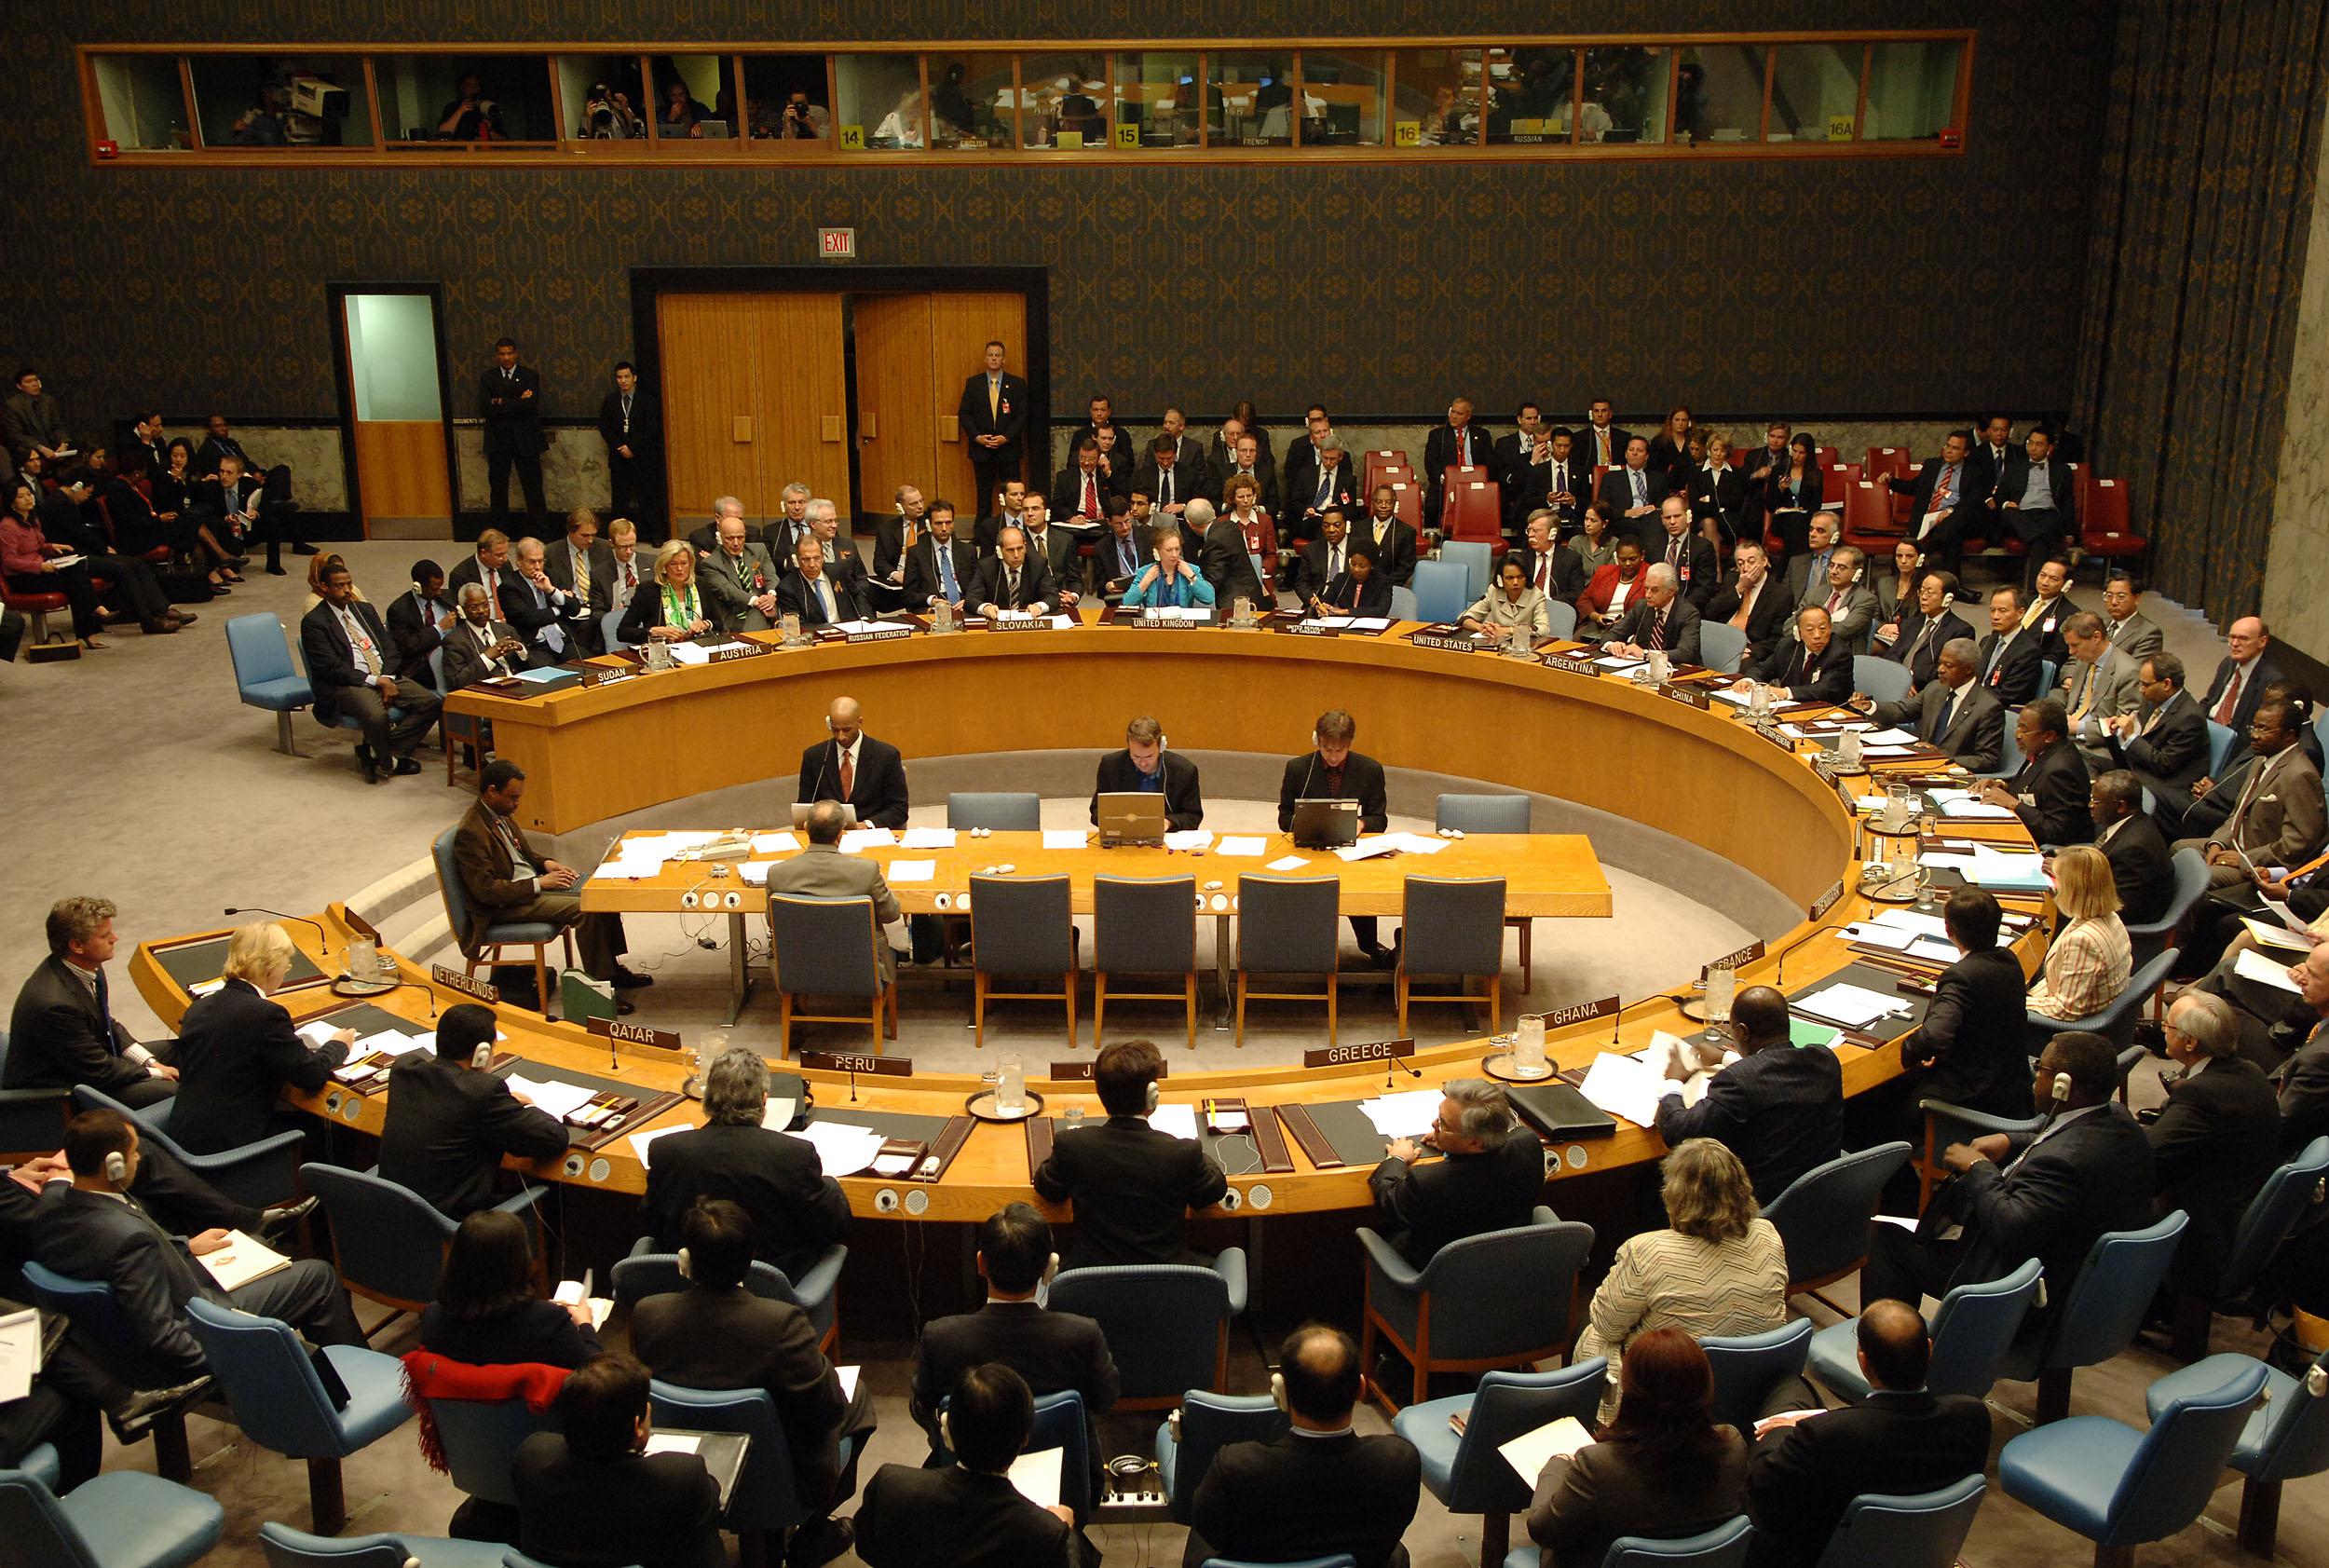 عاجل: مجلس الأمن يصادق على قرار بعودة المينورسو إلى الصحراء المغربية